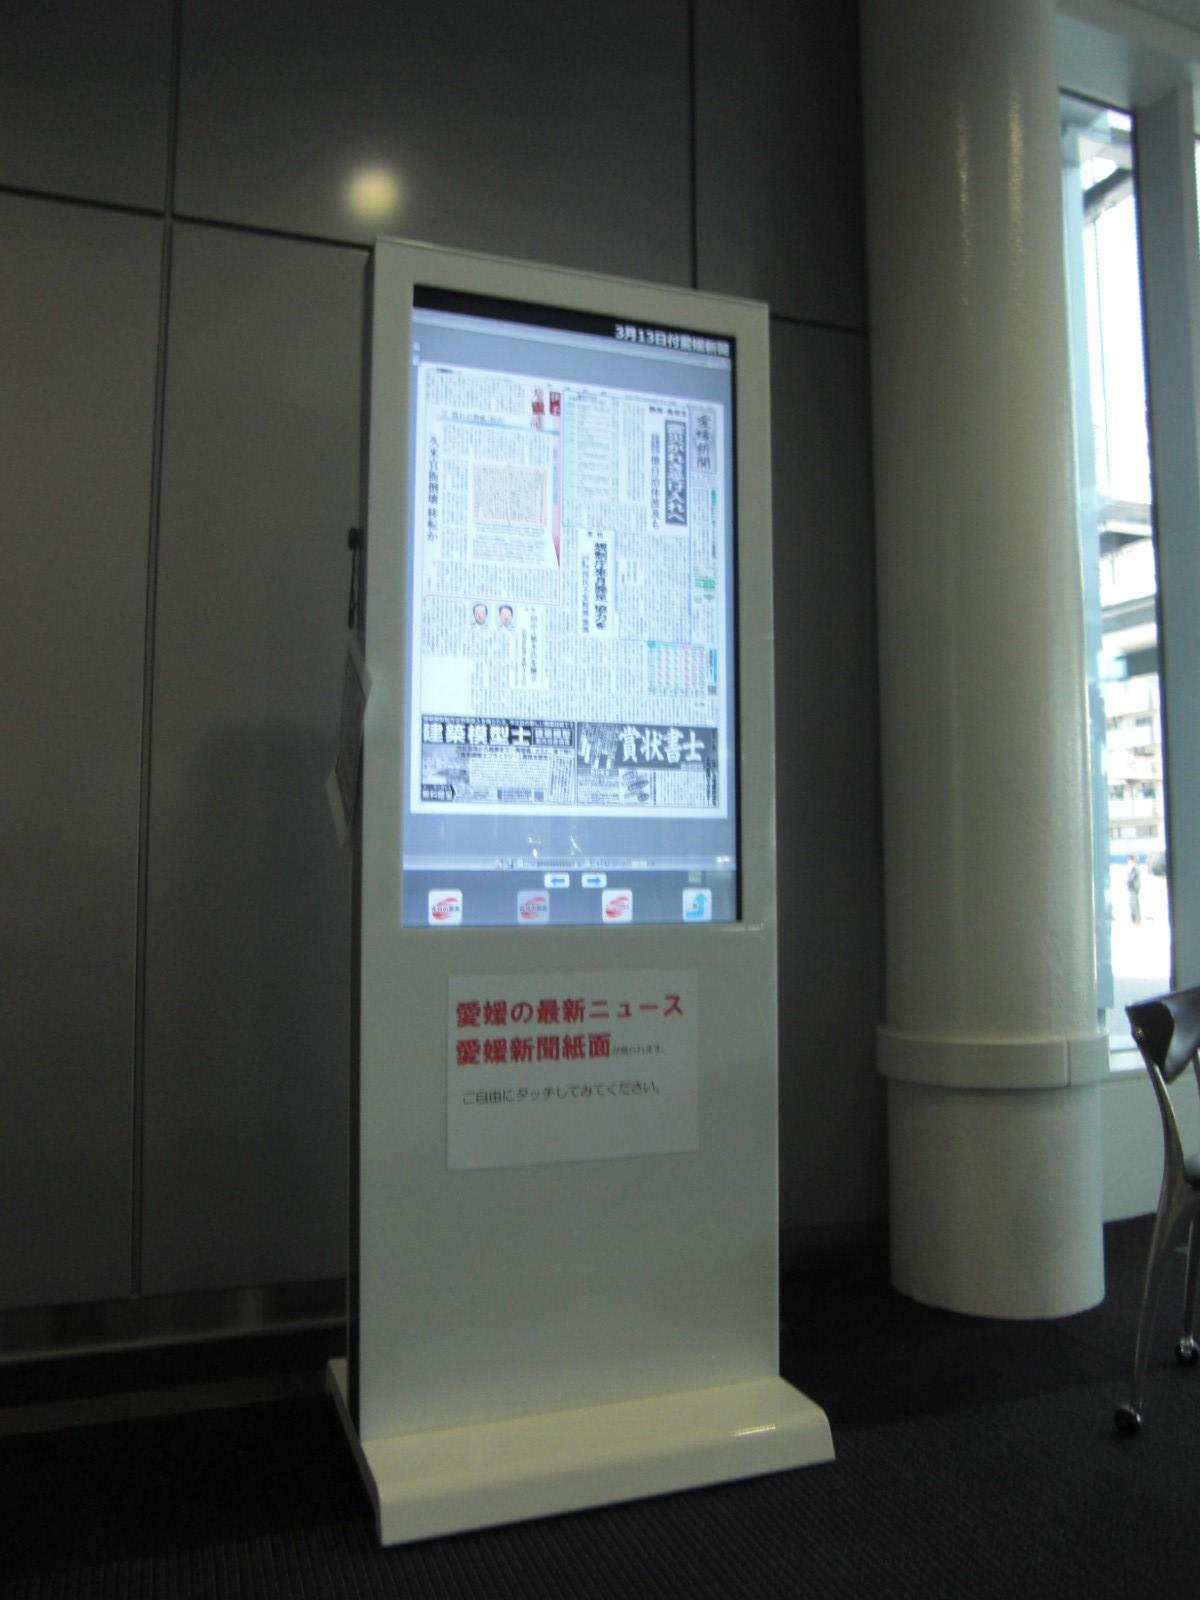 導入事例 デジタルサイネージ 46インチ タッチパネルスタンドタイプ 新聞社設置 事例